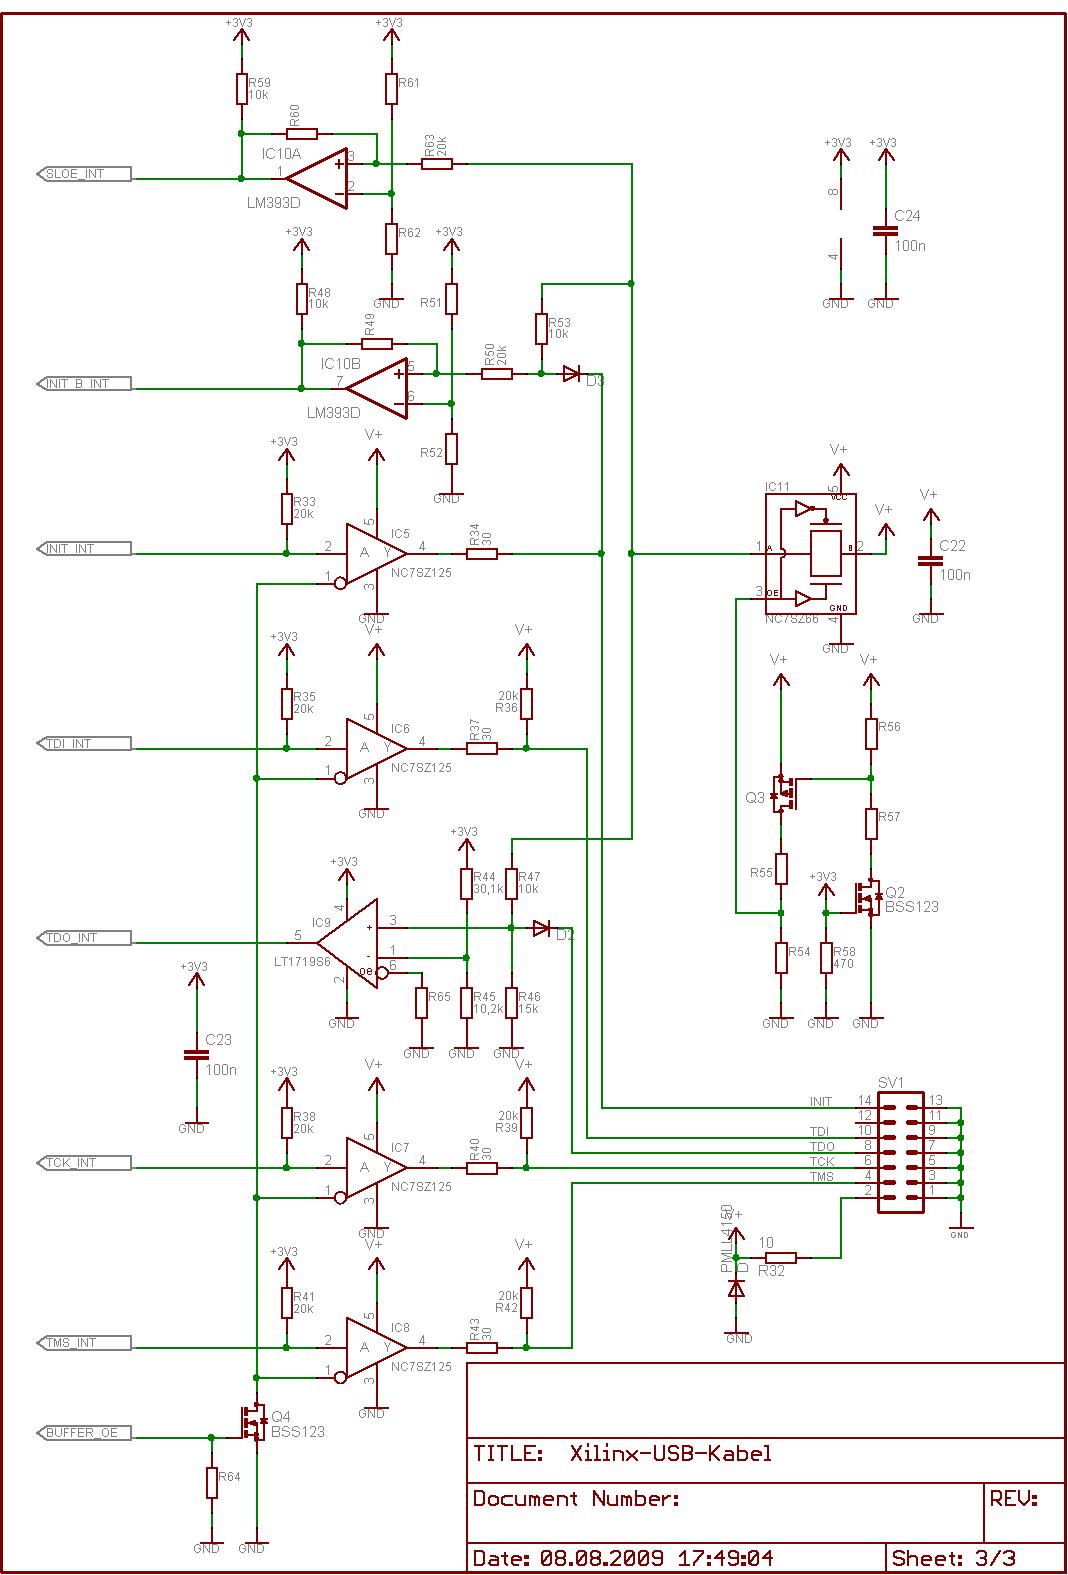 Xilinx Usb Schematic Jetzt Verfgbar Digilent Jtag Cable Preview Image For Schaltplan Ein Ausg Nge